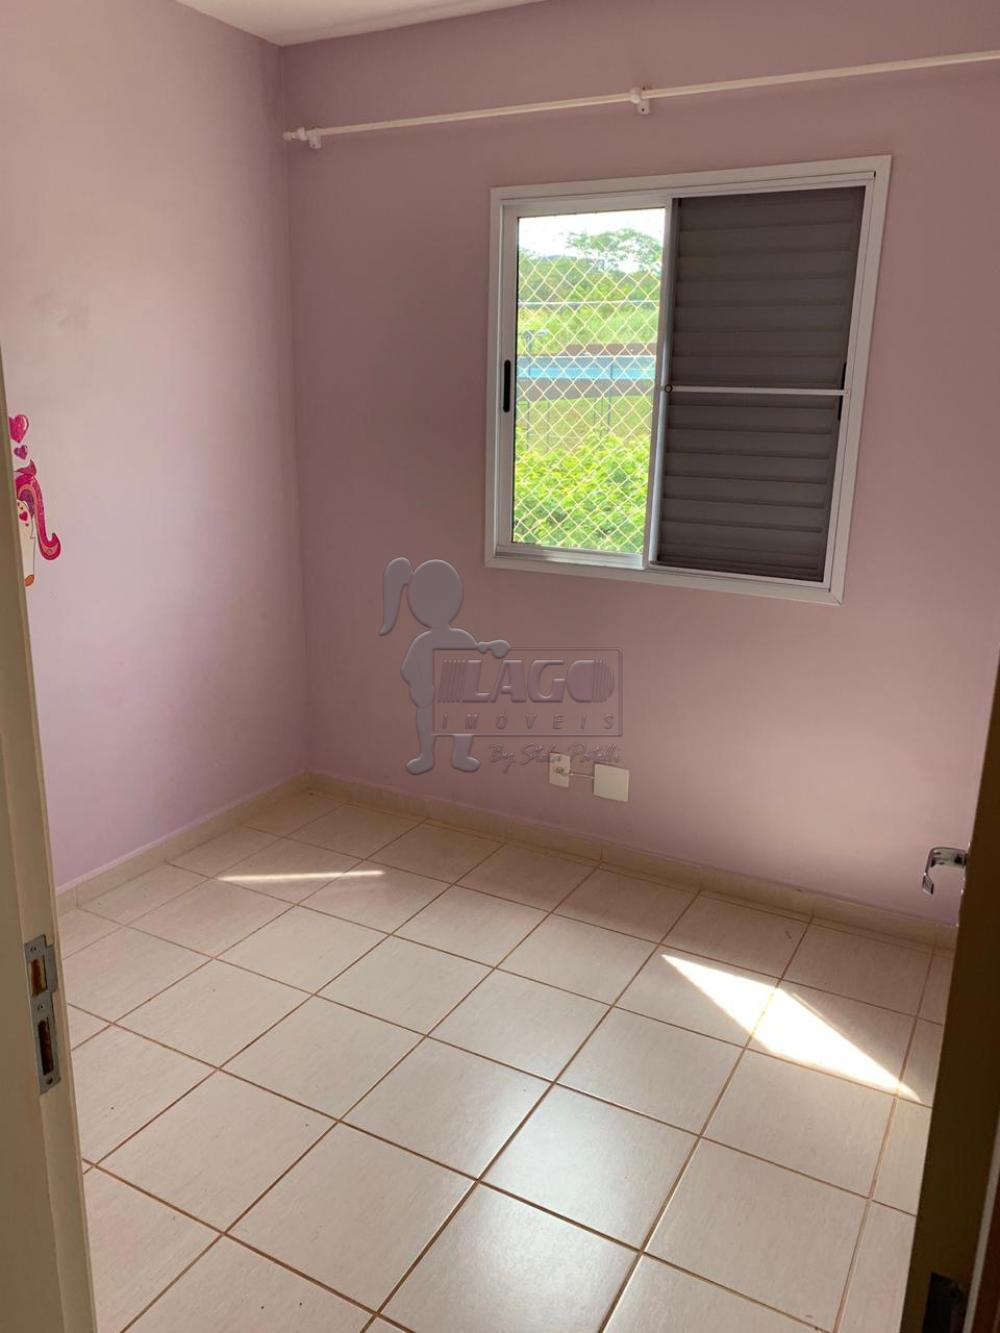 Comprar Casas / Condomínio em Ribeirão Preto apenas R$ 460.000,00 - Foto 8